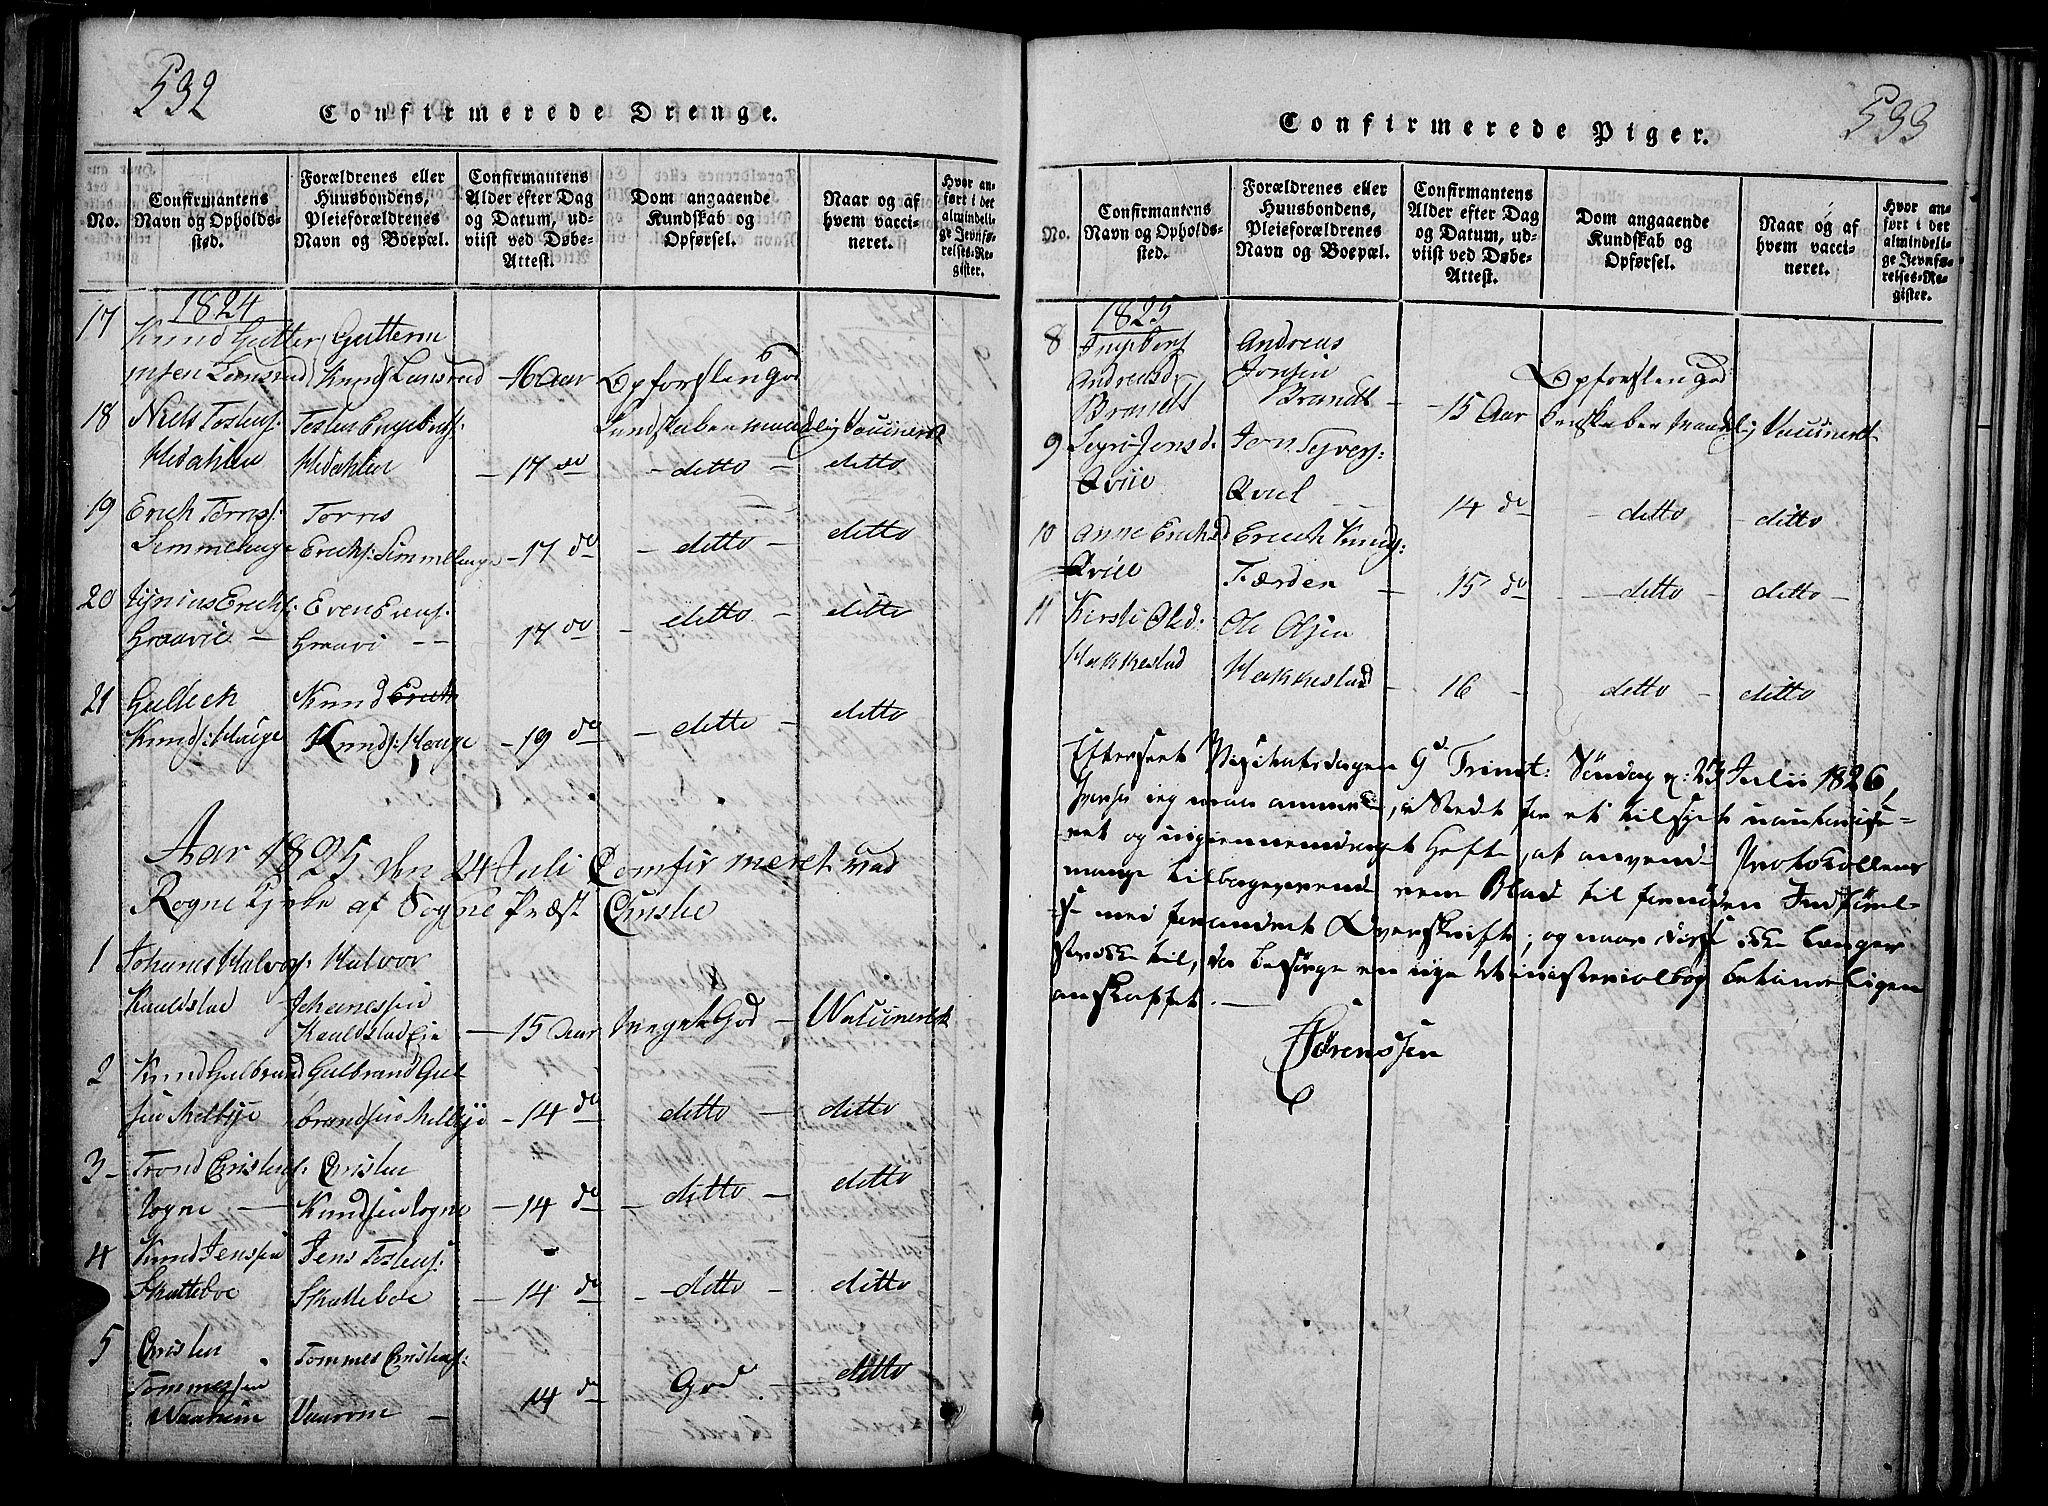 SAH, Slidre prestekontor, Ministerialbok nr. 2, 1814-1830, s. 532-533